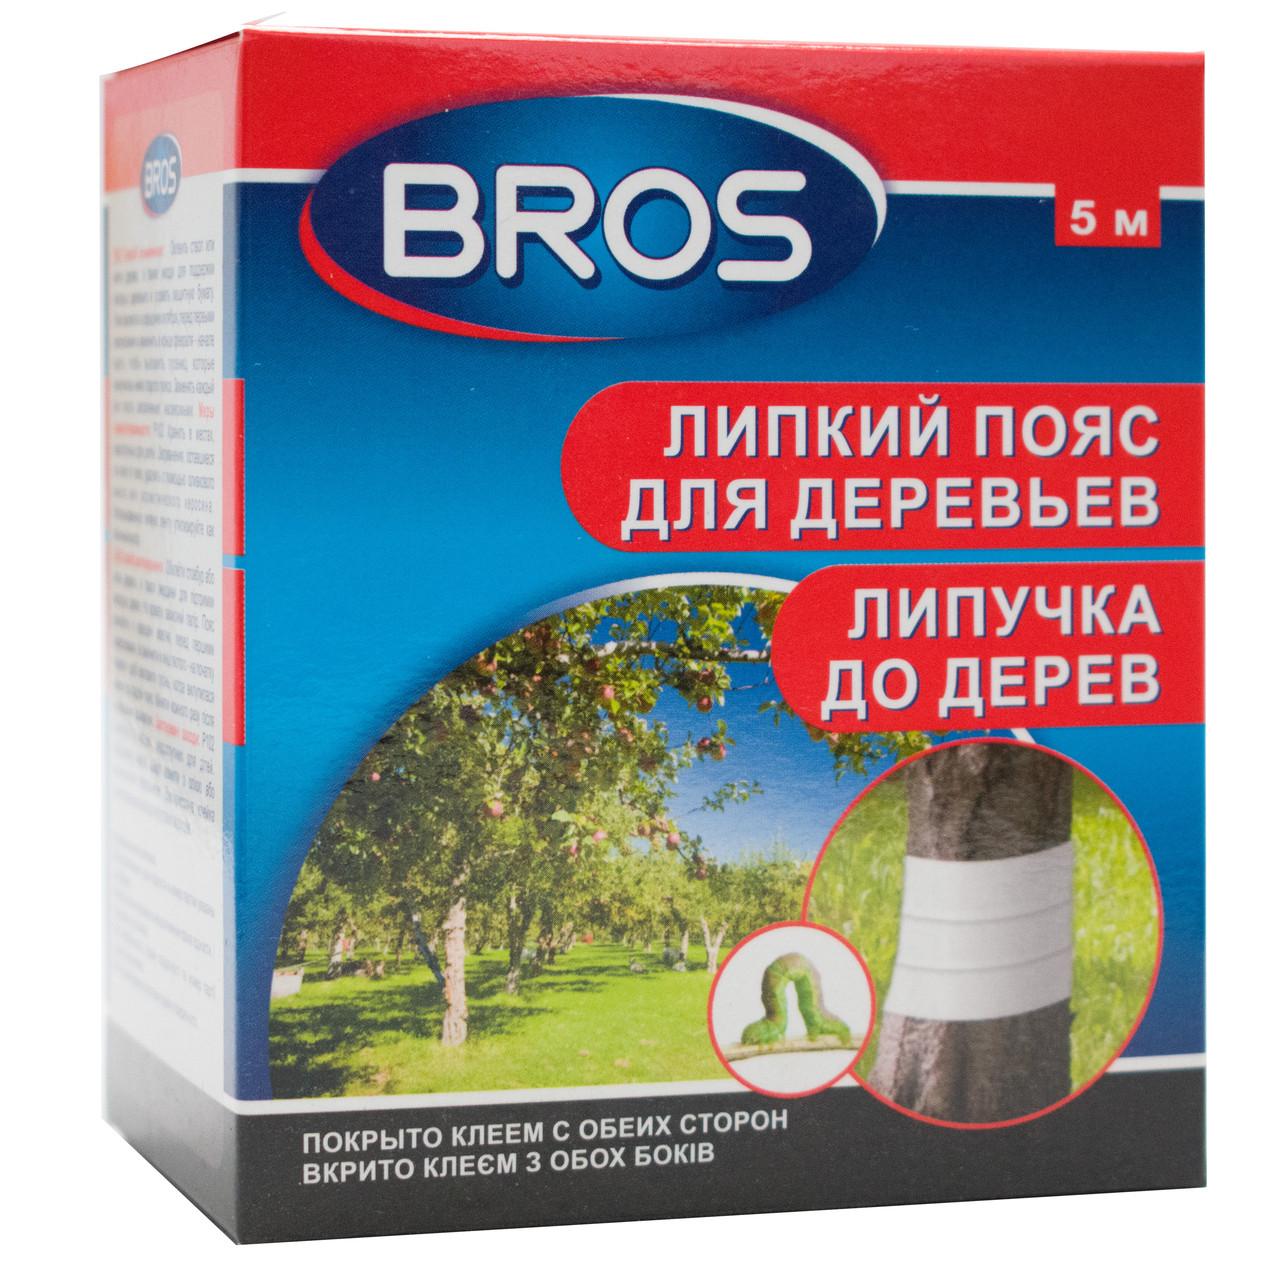 Клейкий пояс для деревьев Bros 5 м